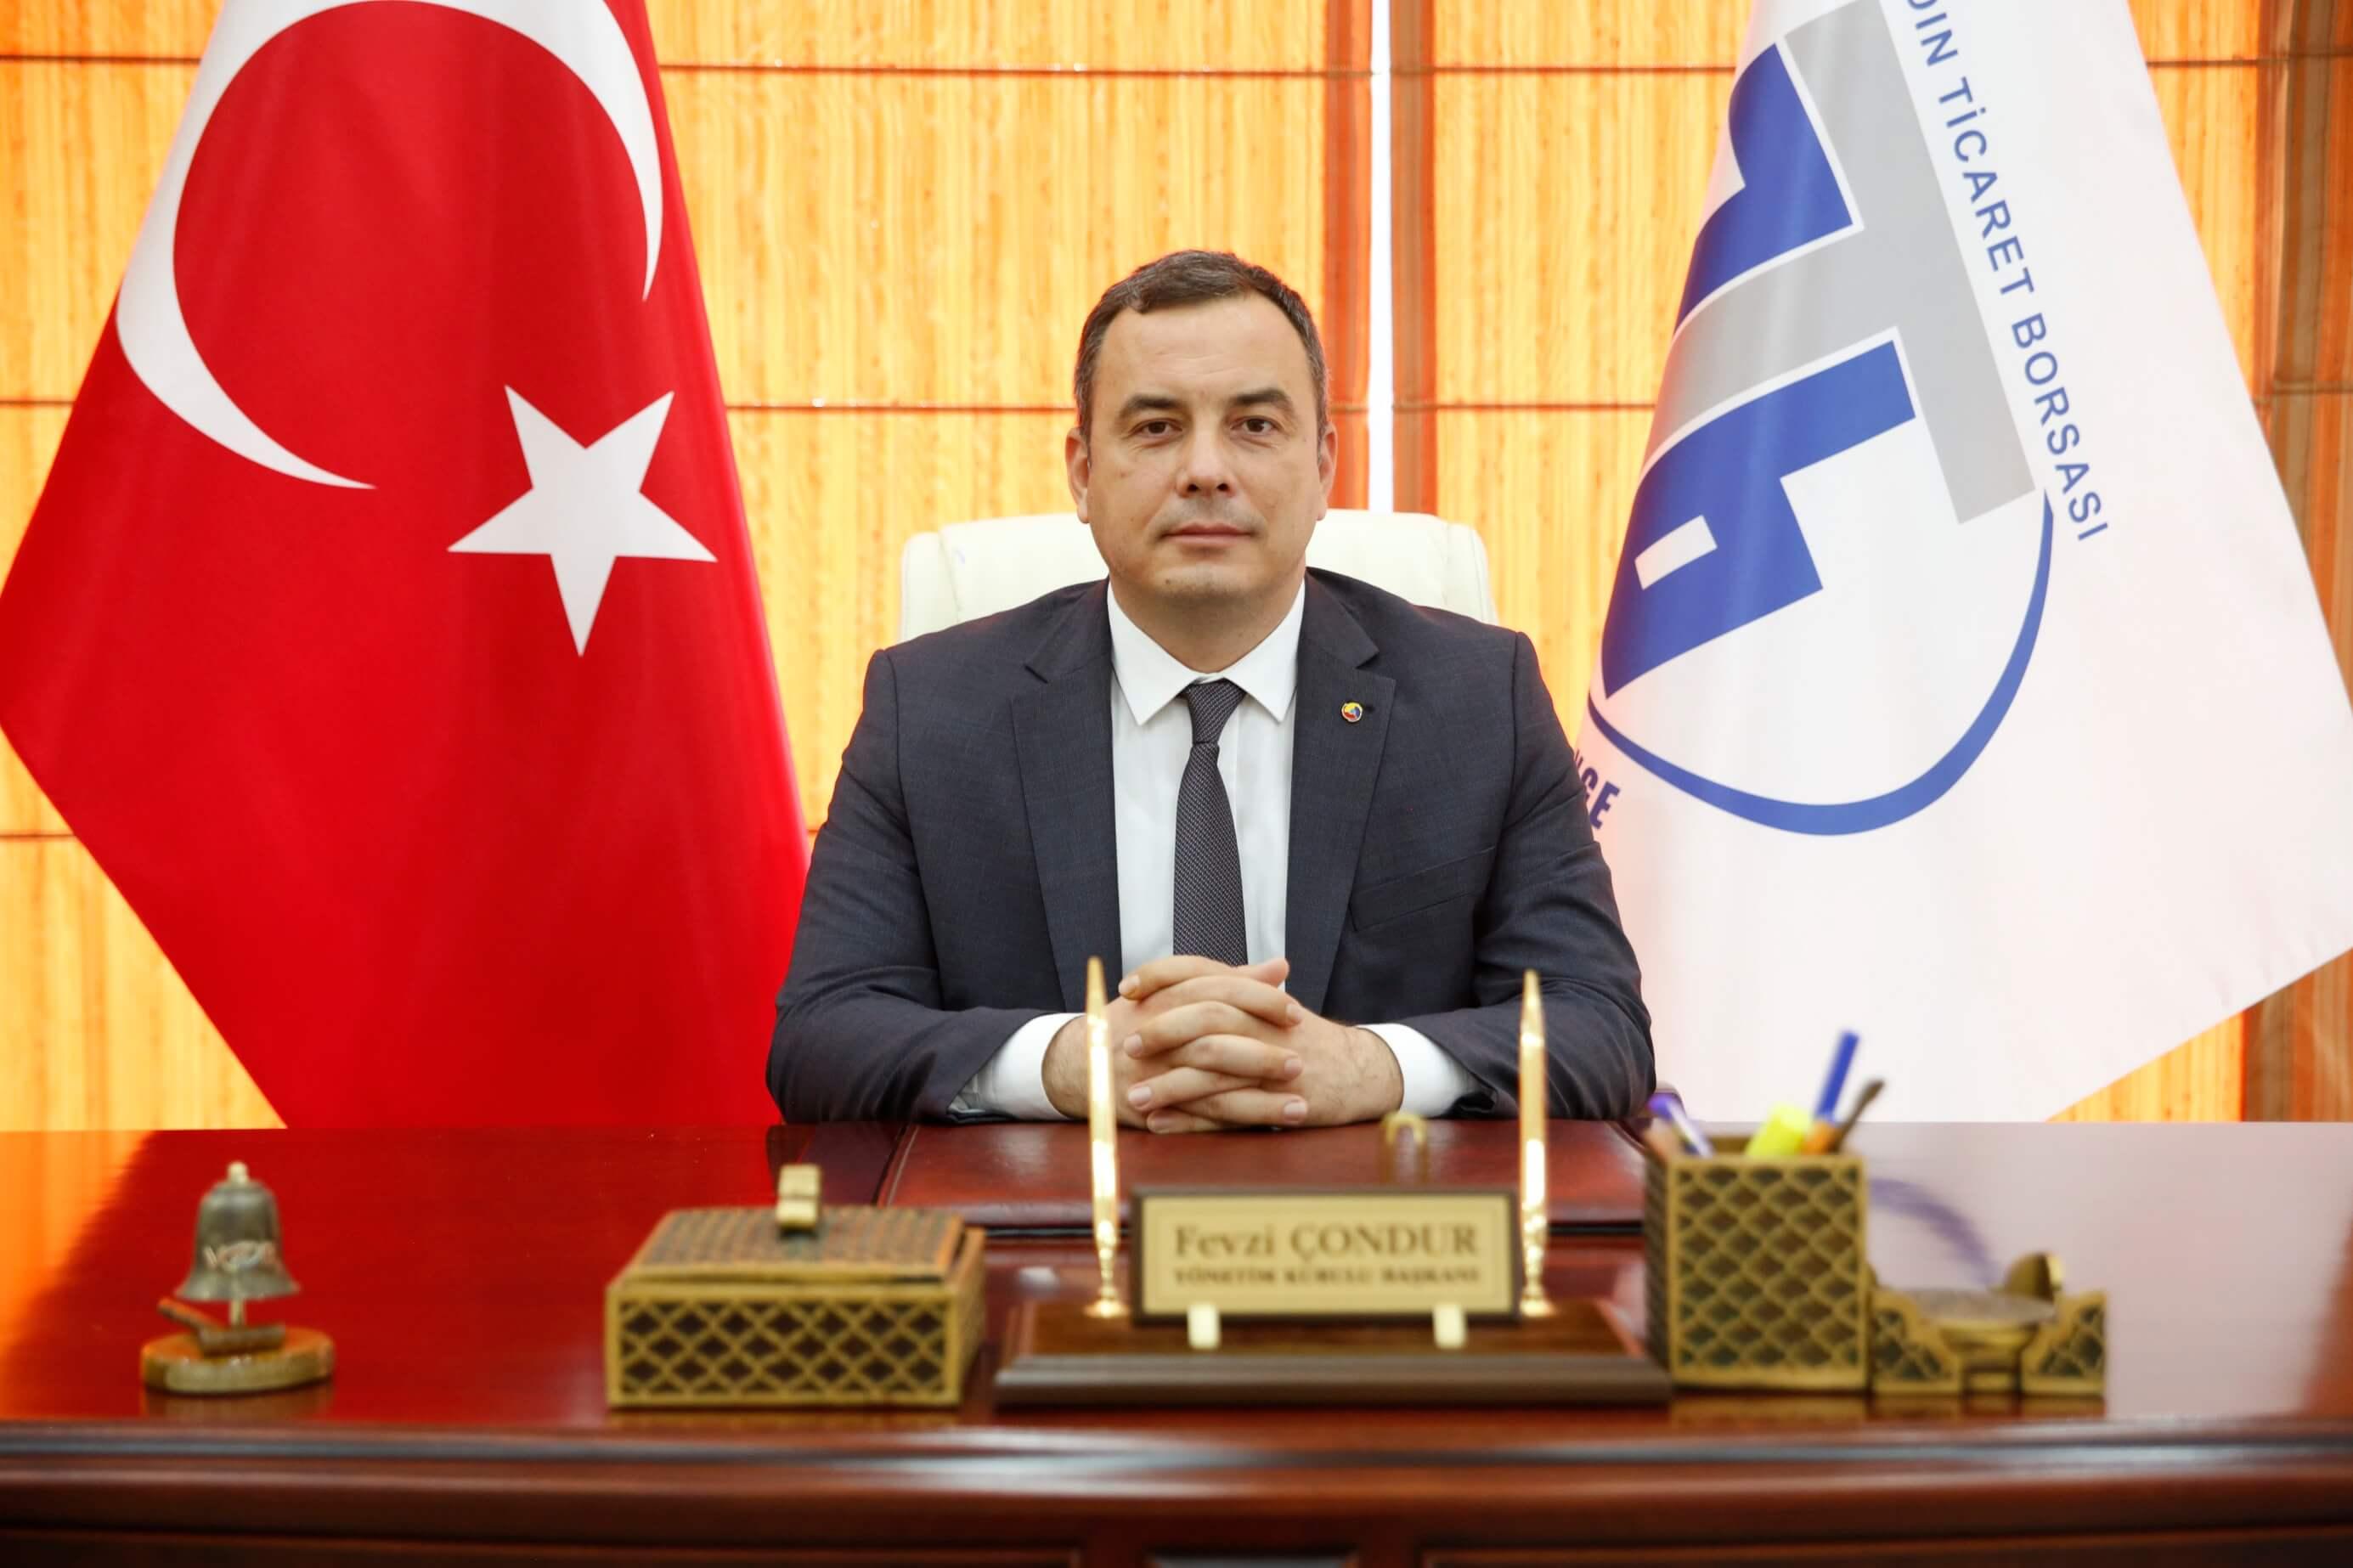 03.03.2021 Aydın Ticaret Borsası Yönetim Kurulu Başkanı Fevzi Çondur, Türkiye Büyüme Rakamlarını Değerlendirdi